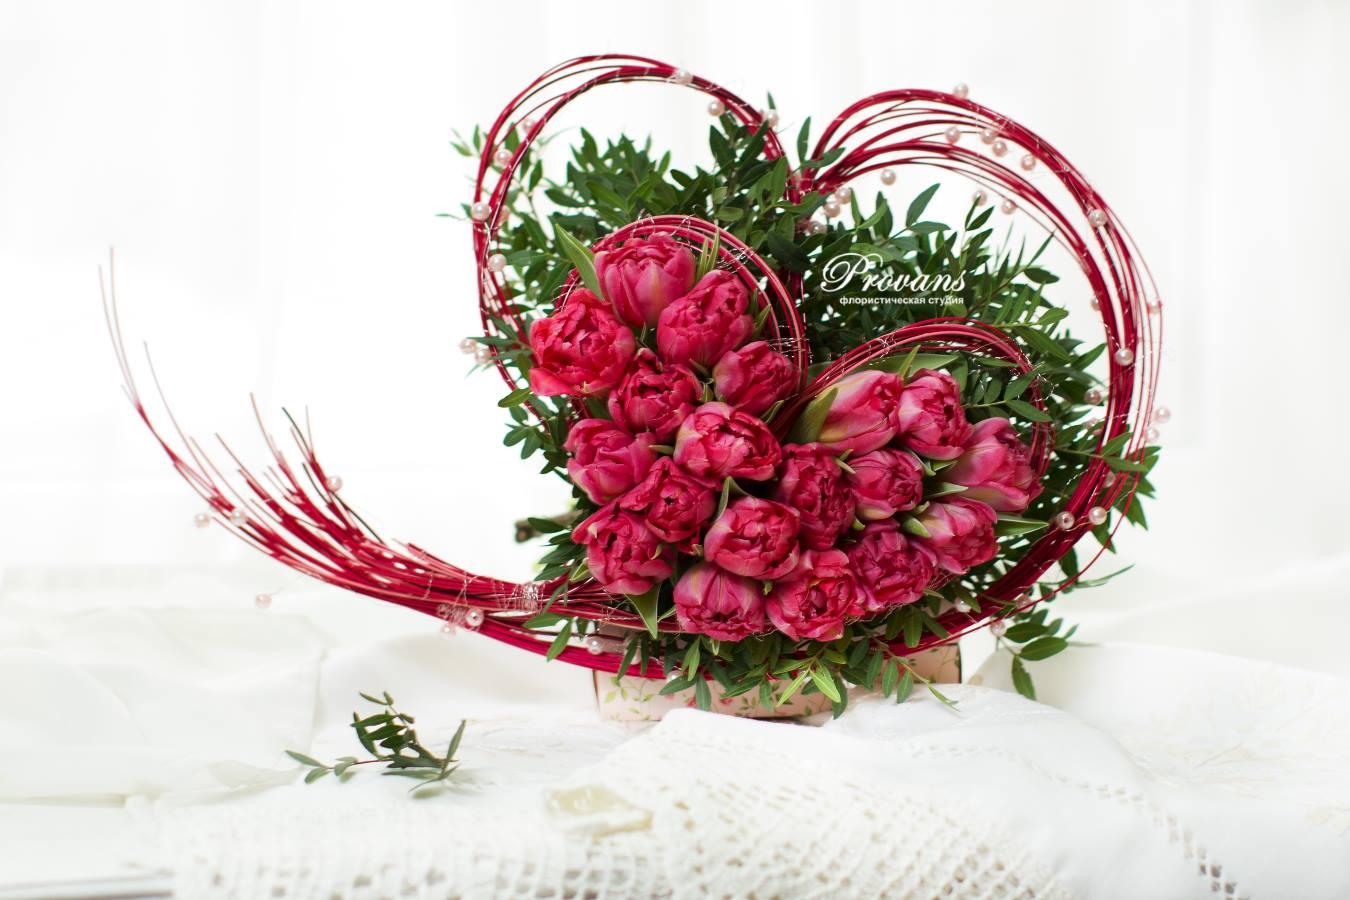 Букет на день всех влюбленных Я люблю тебя. Два сердца из тюльпанов